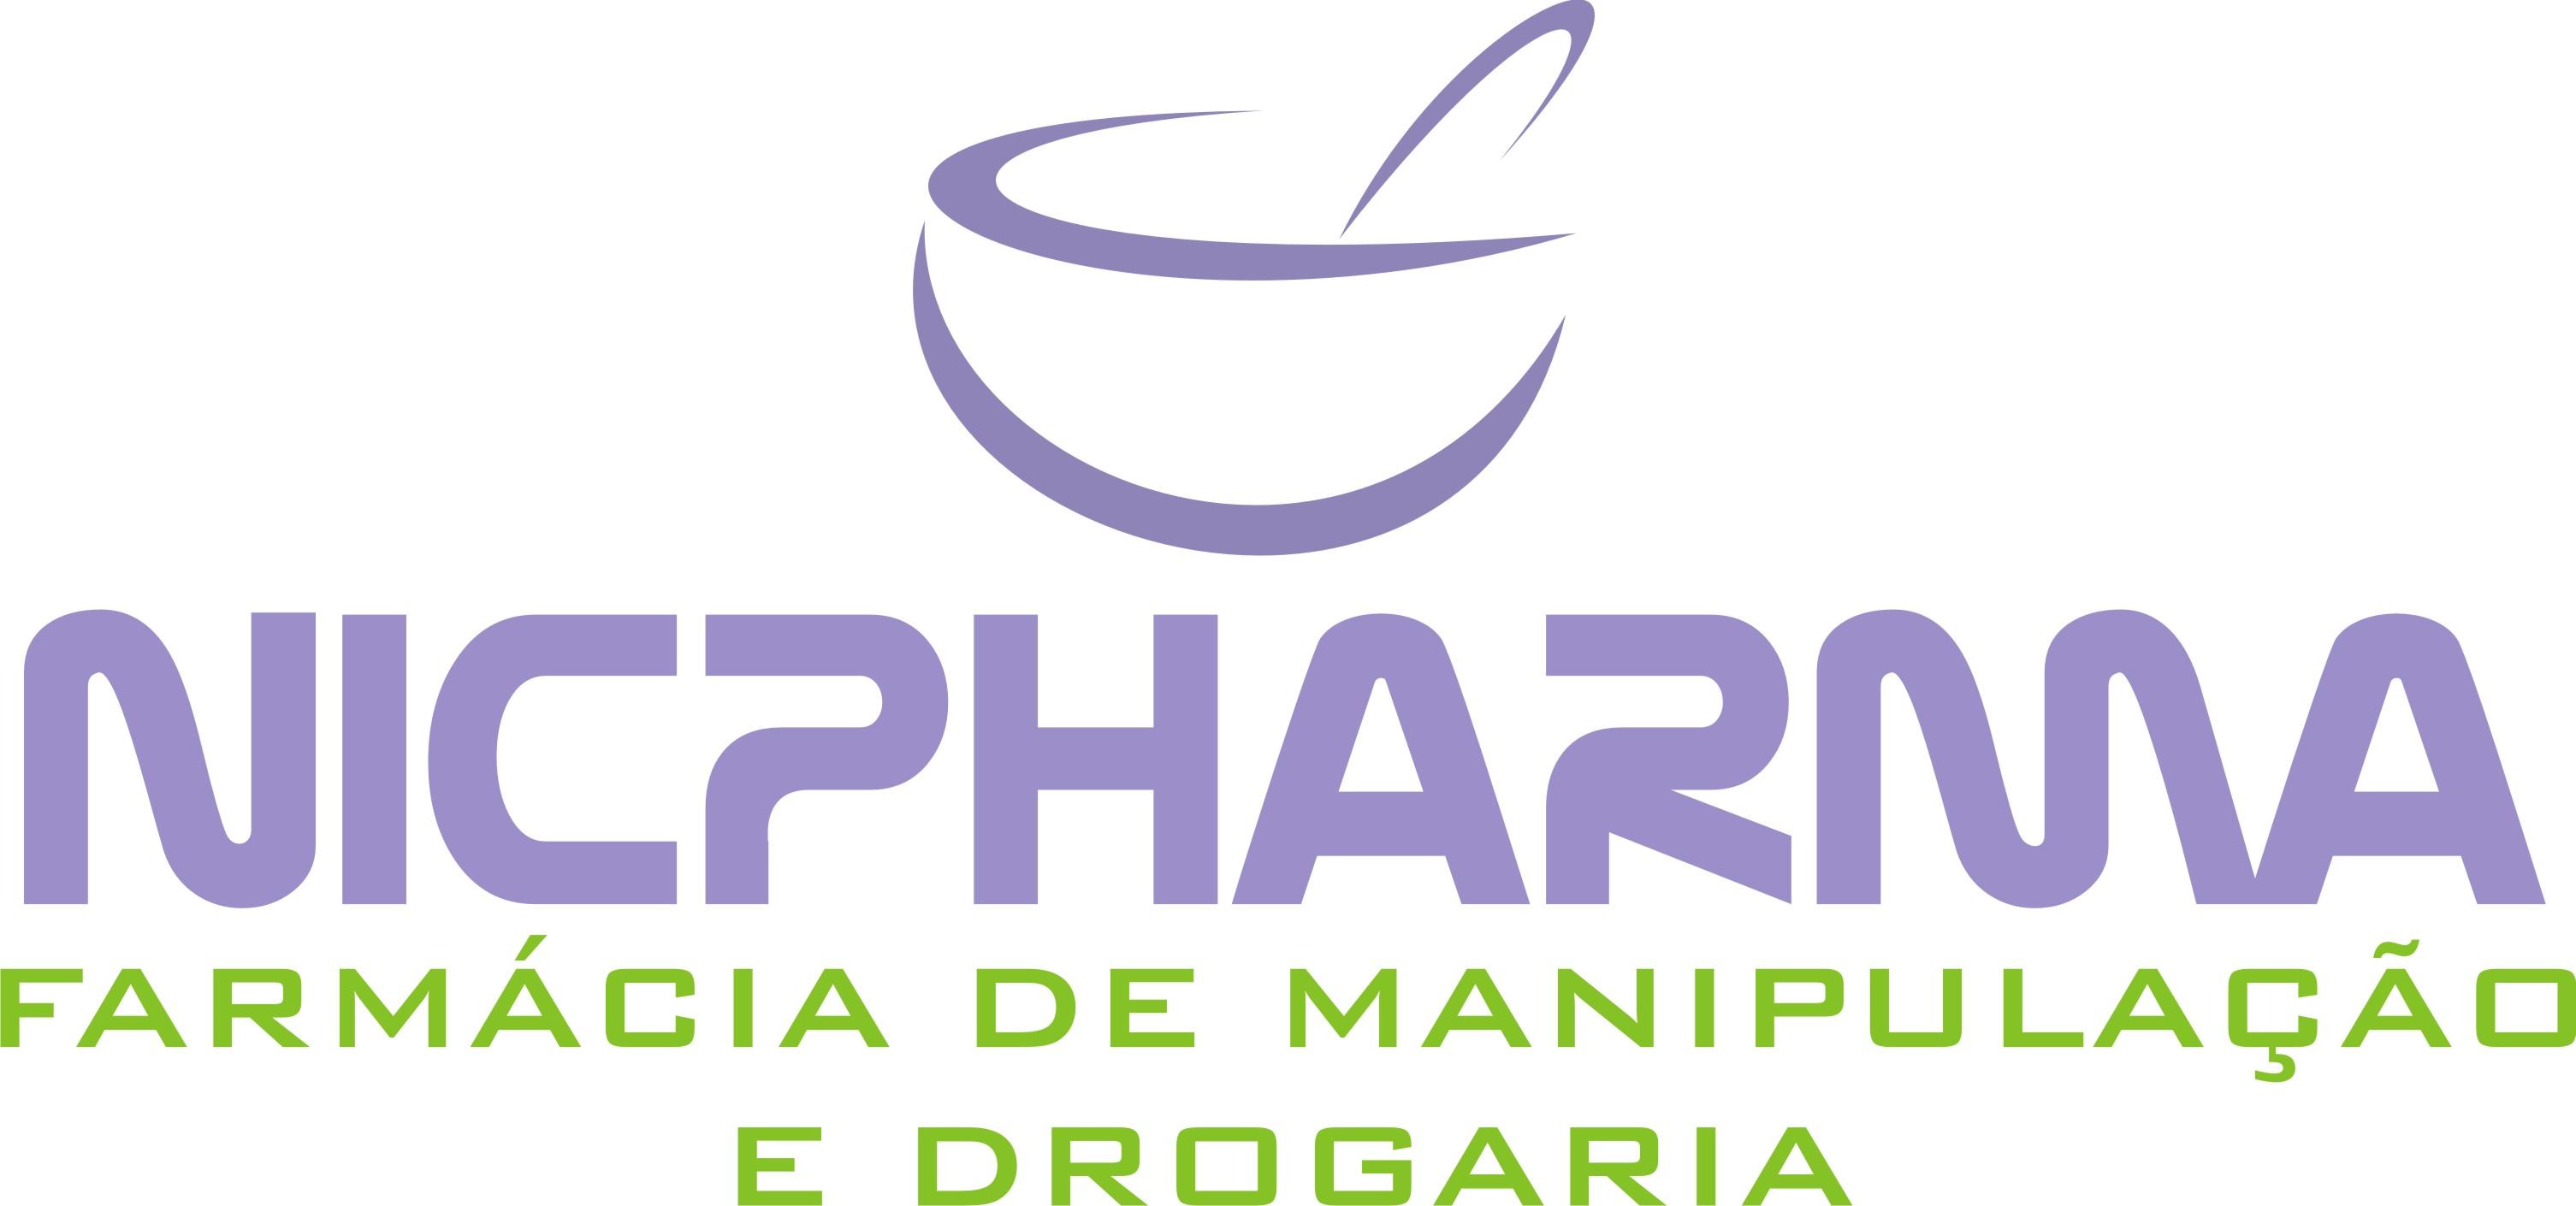 NICPHARMA